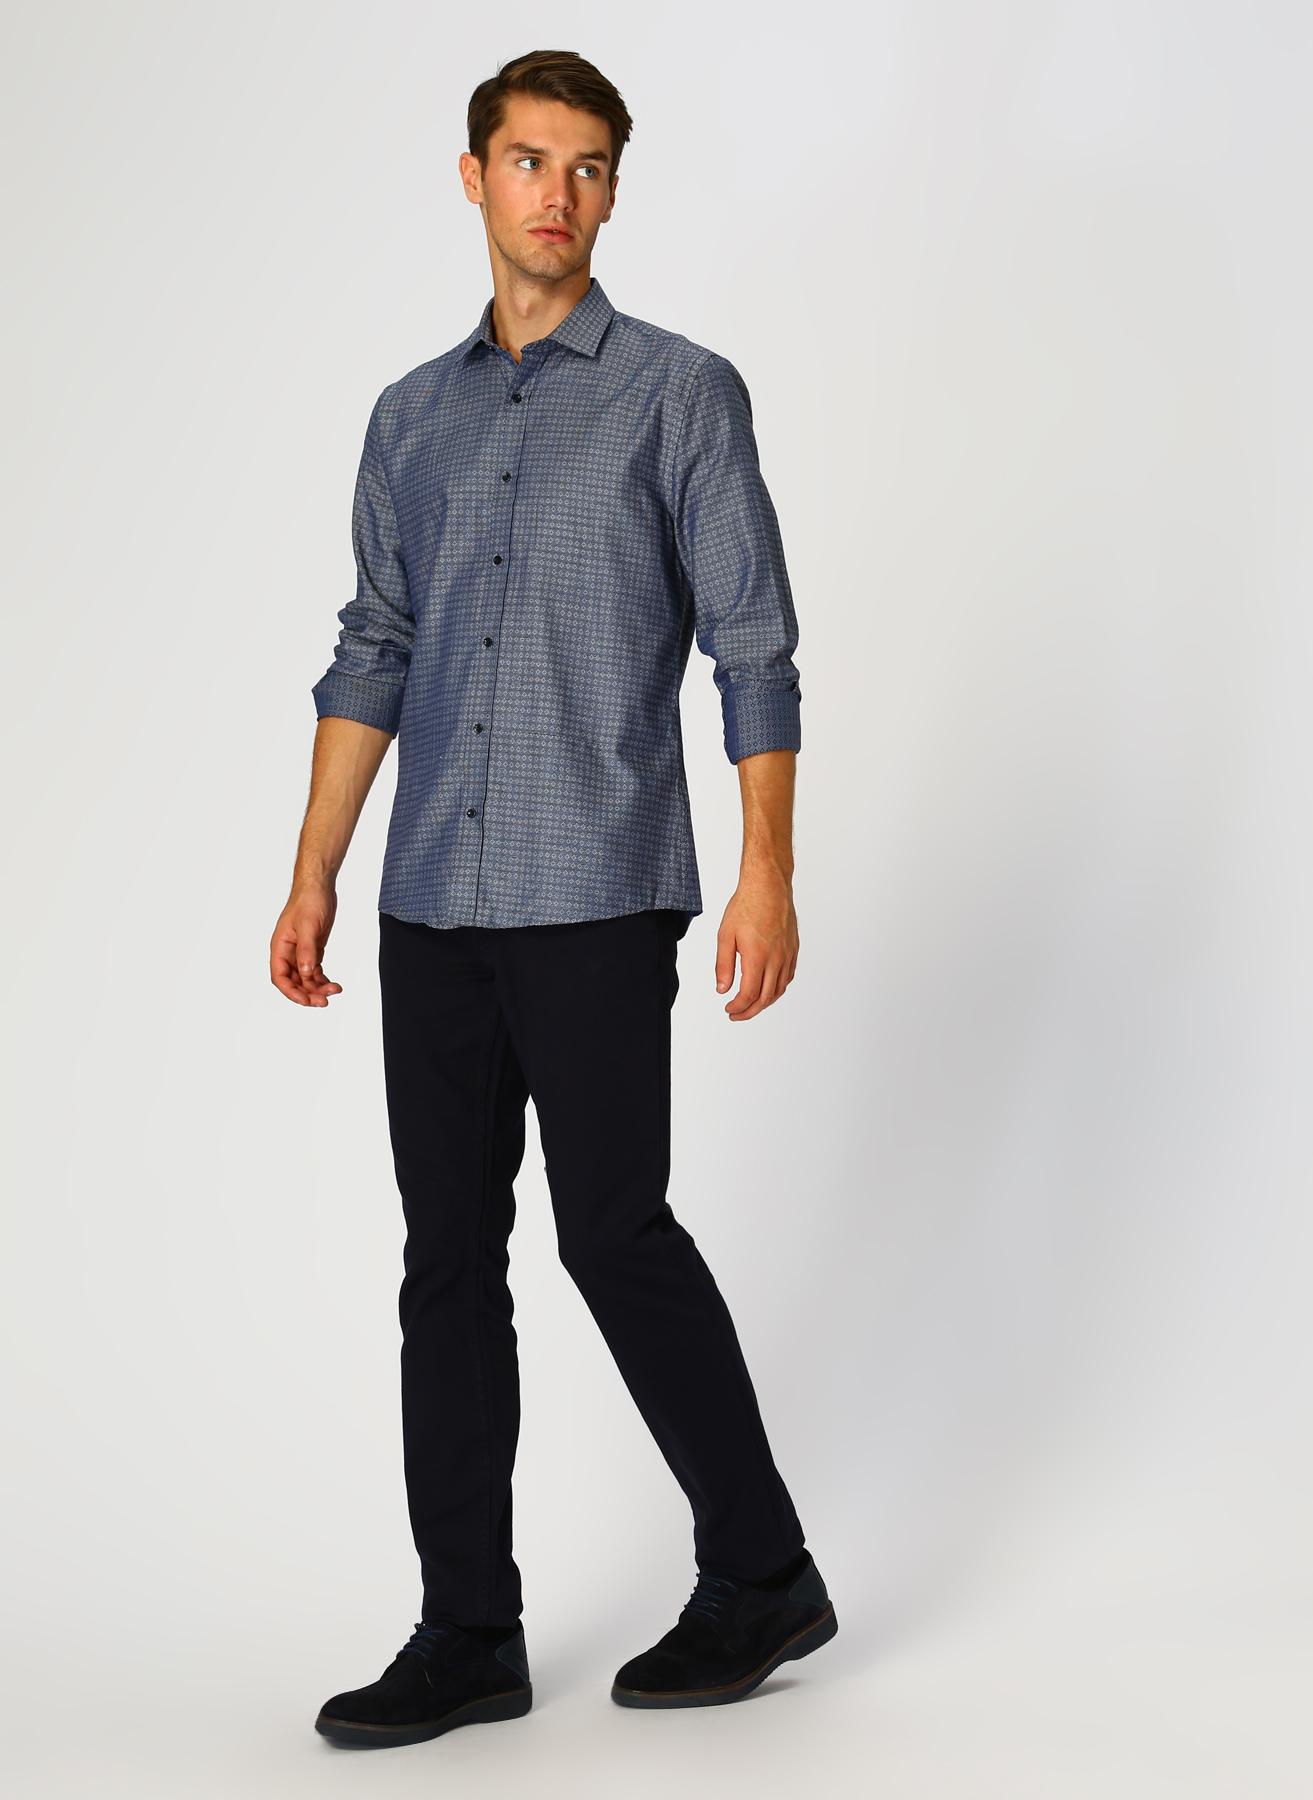 George Hogg Lacivert Klasik Pantolon 32-33 5002303427001 Ürün Resmi